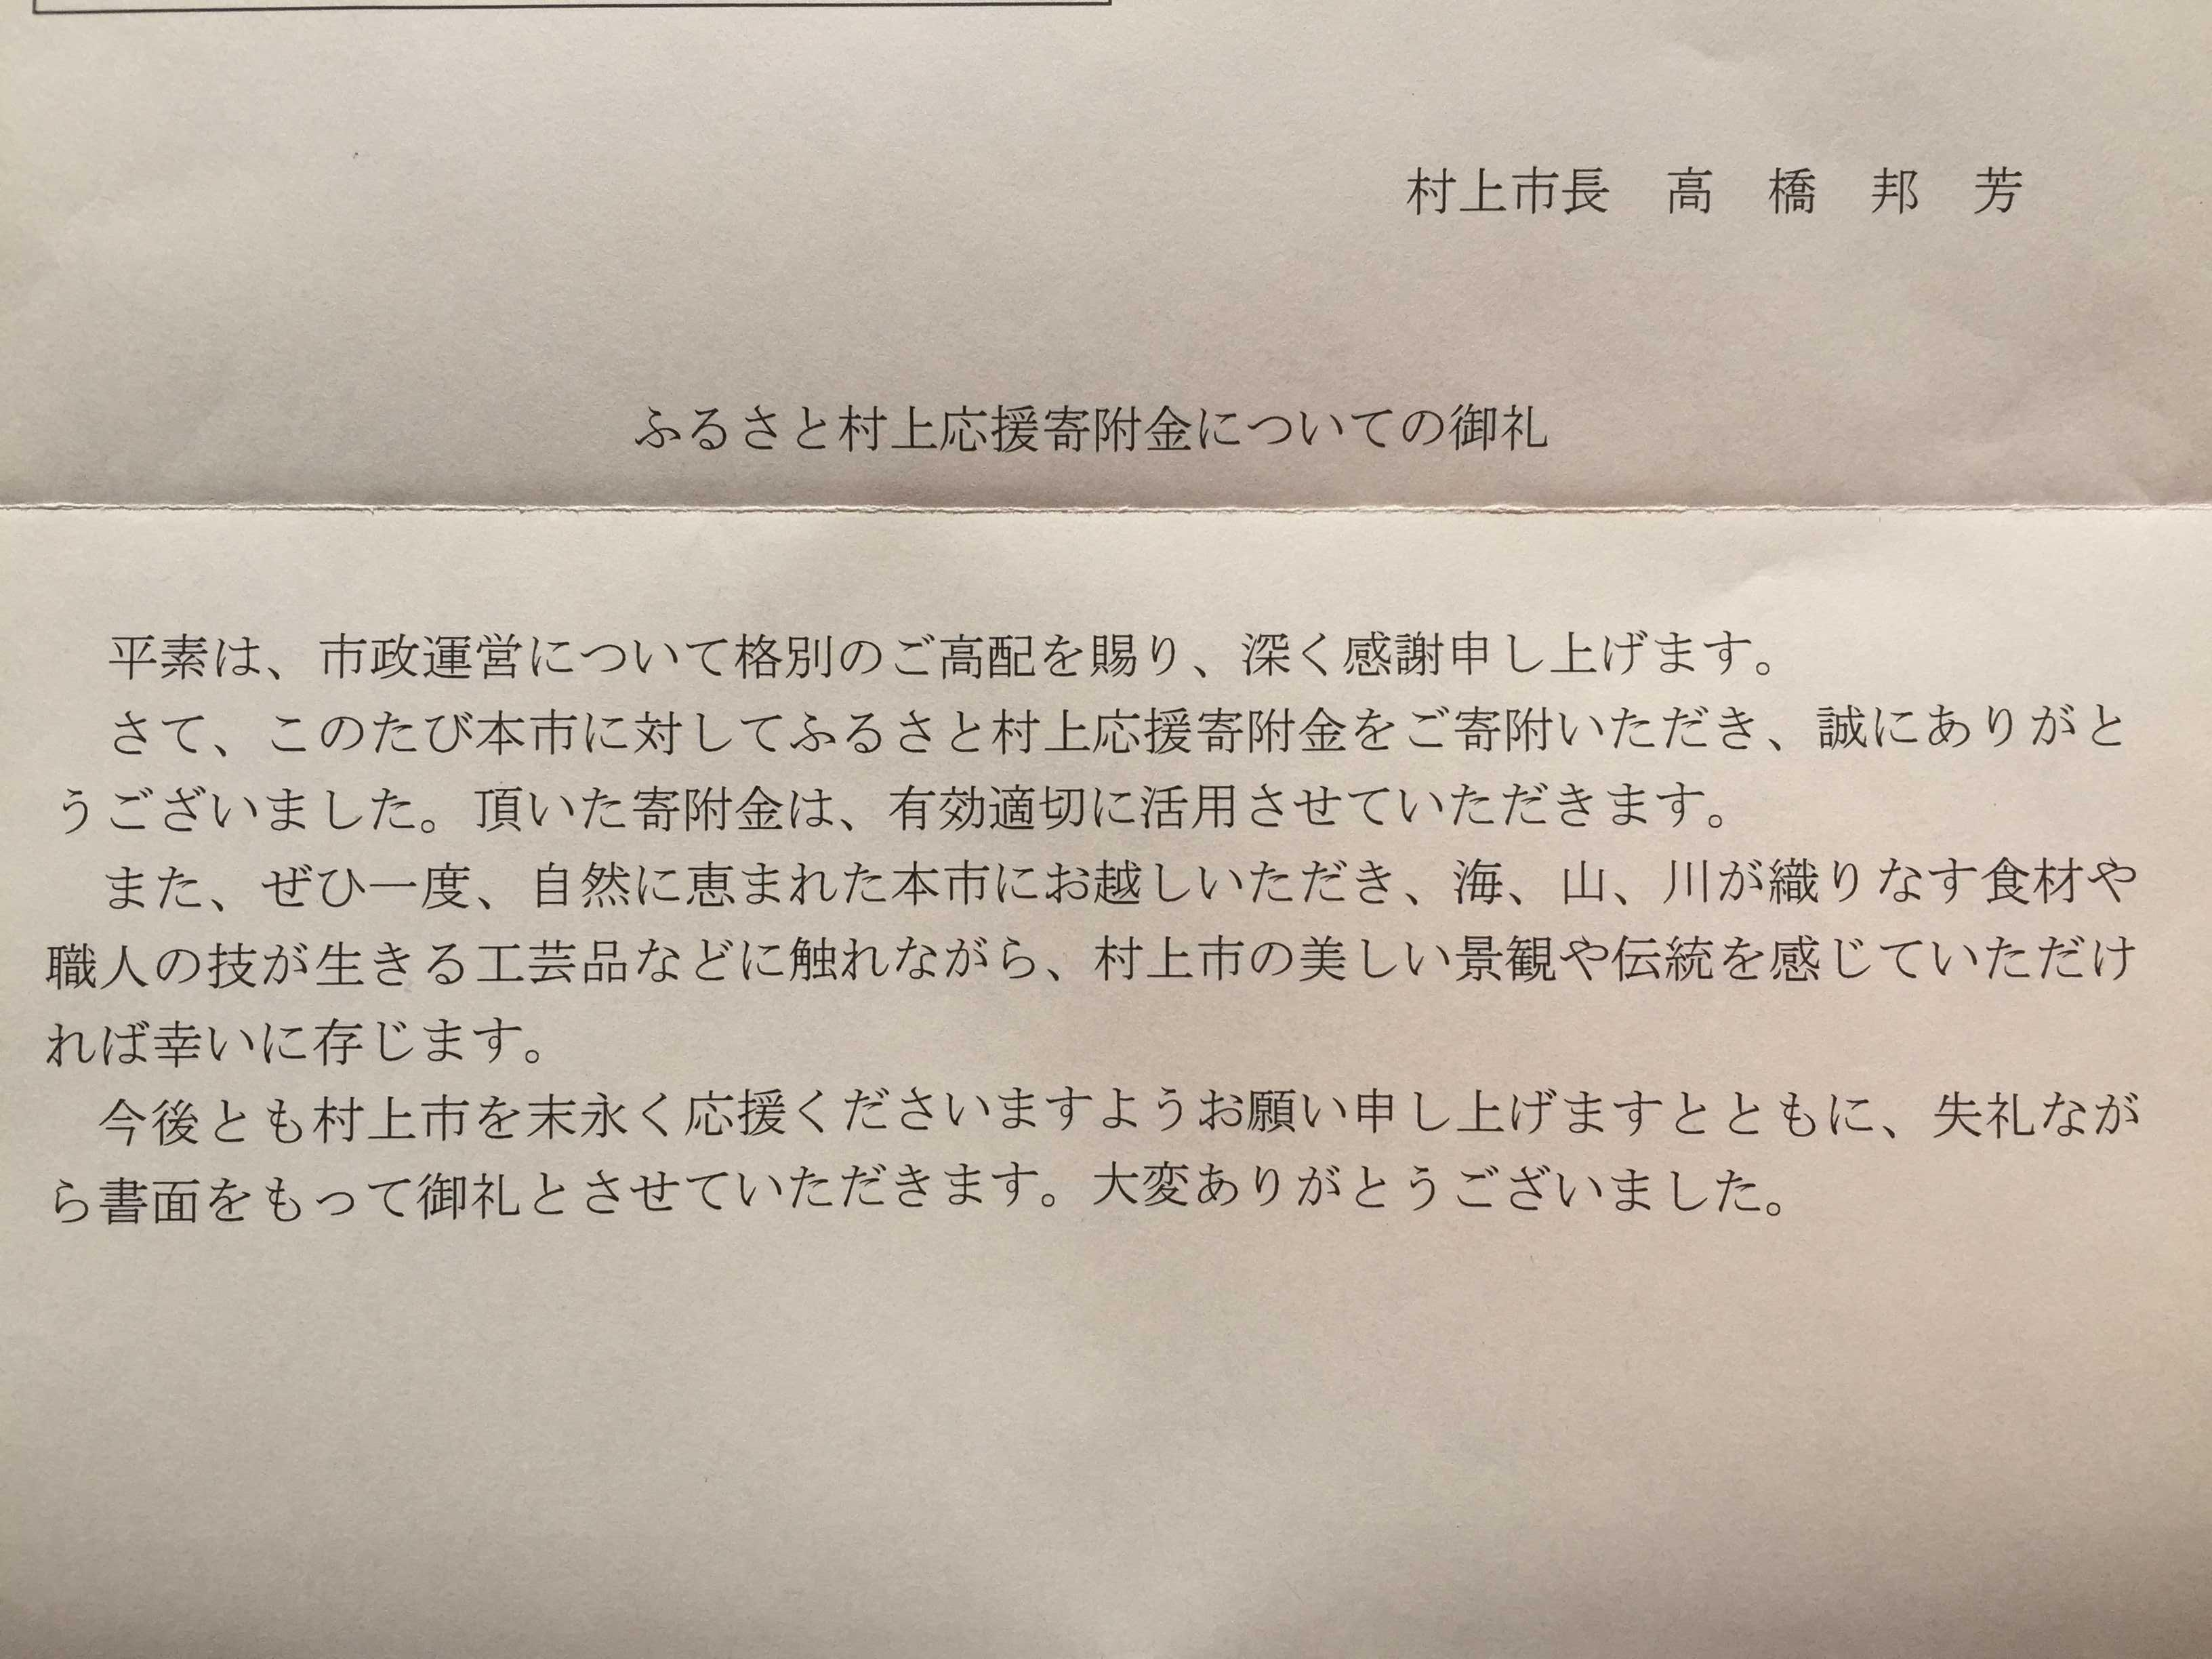 高橋邦芳・村上市長からの「ふるさと村上応援寄附金」への御礼の手紙